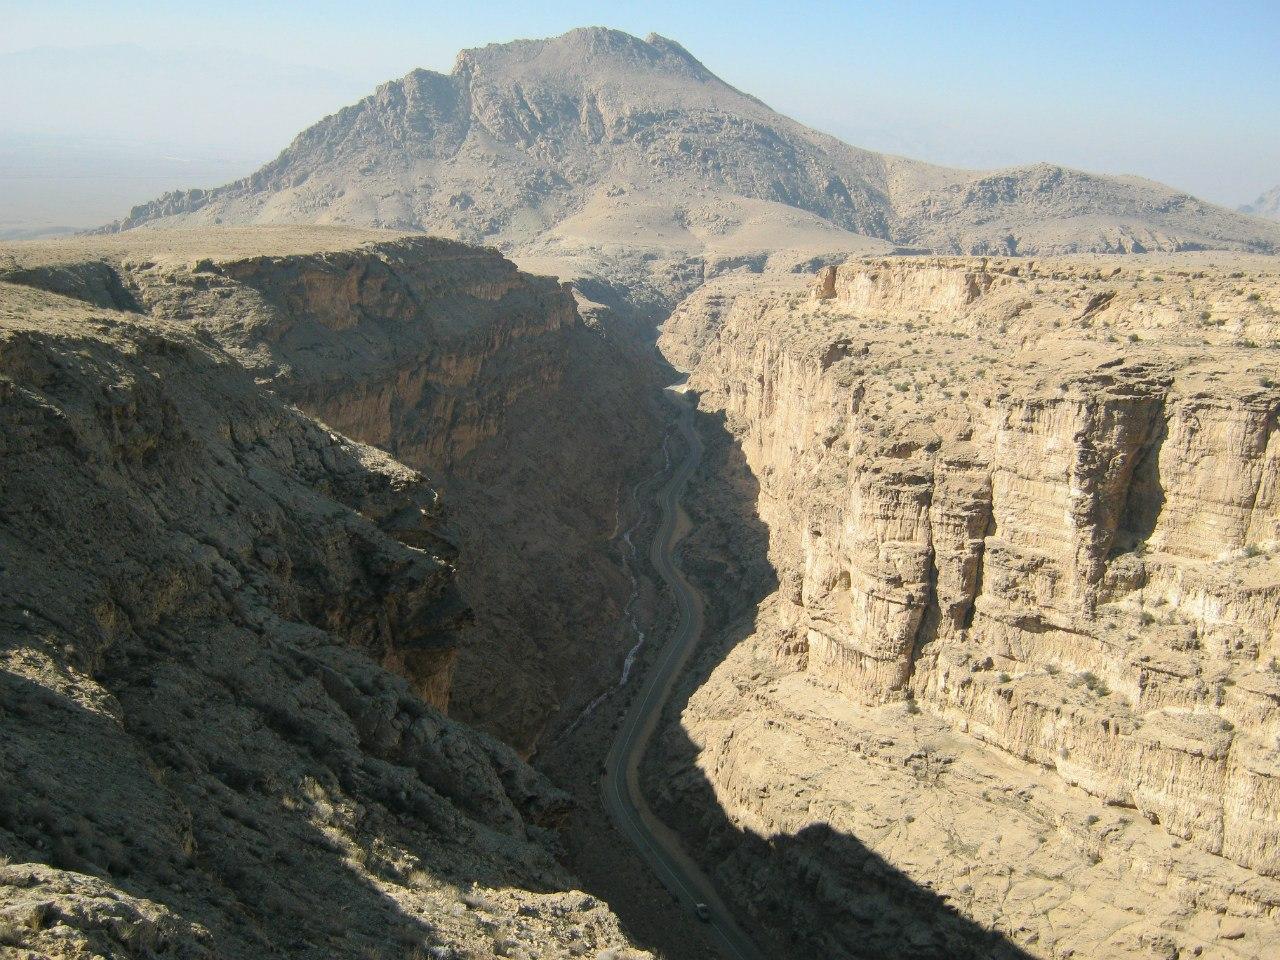 каньон близ Делиджан в Иране